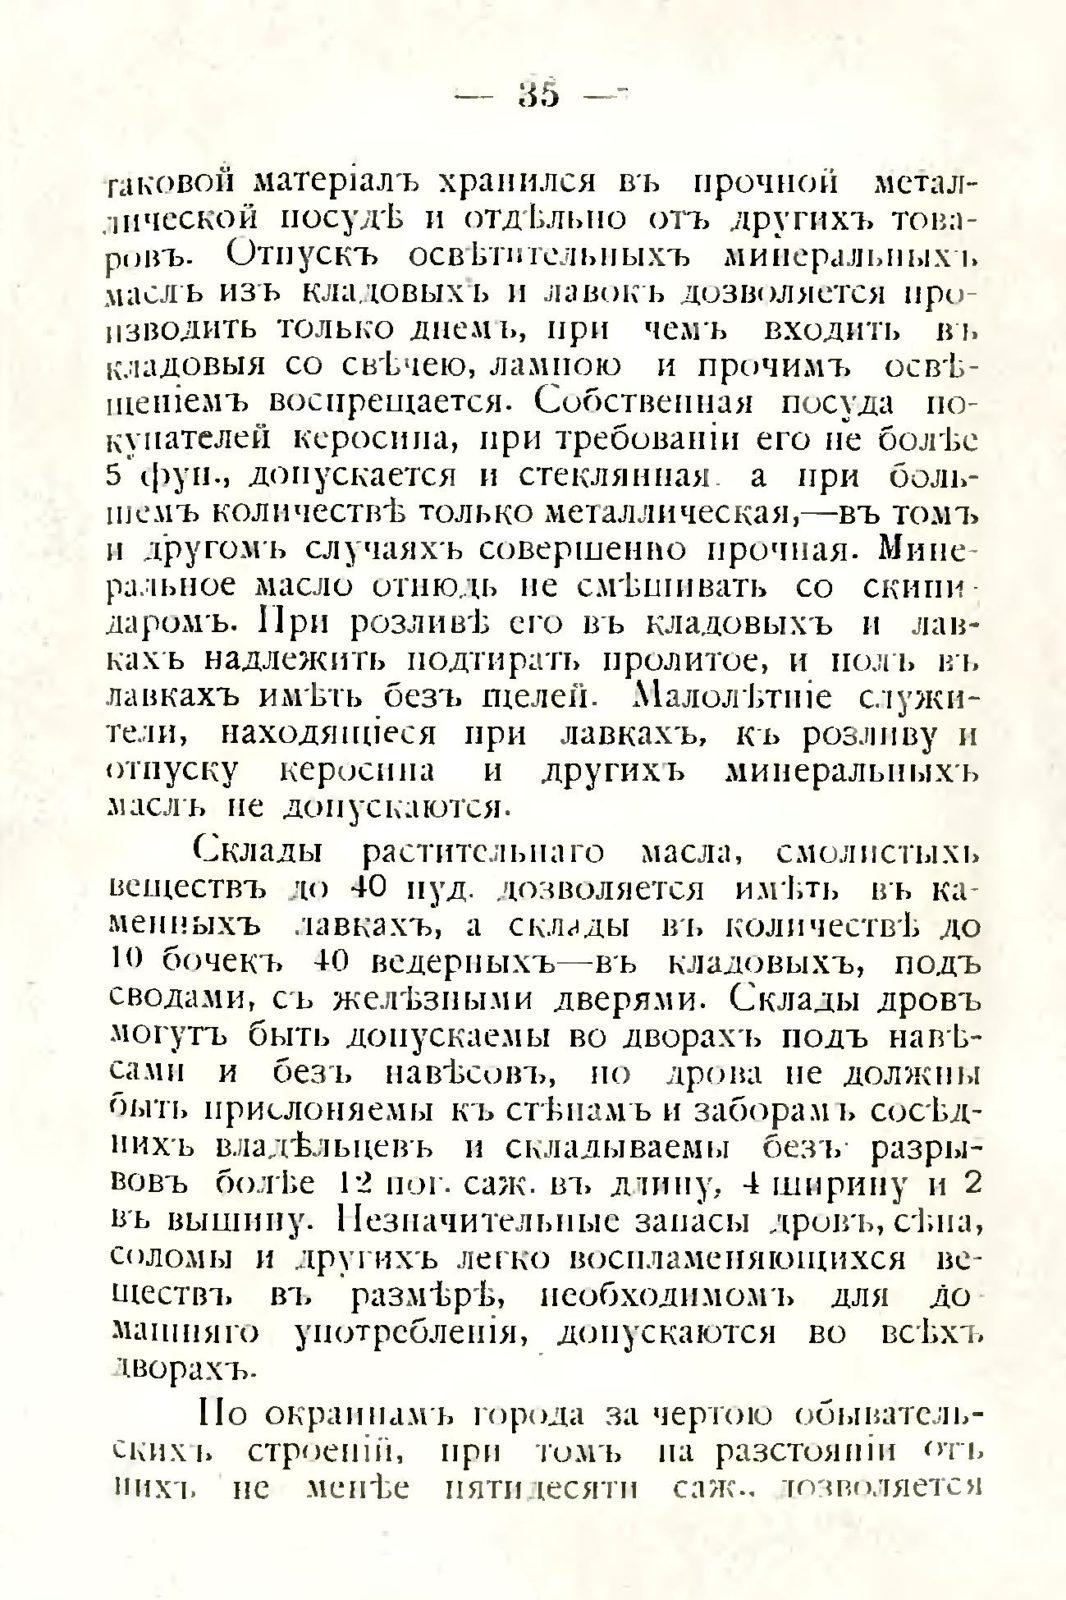 sbornik_obyazatelnyh_postanovlenii_tashkentskoi_gorodskoi_du_39